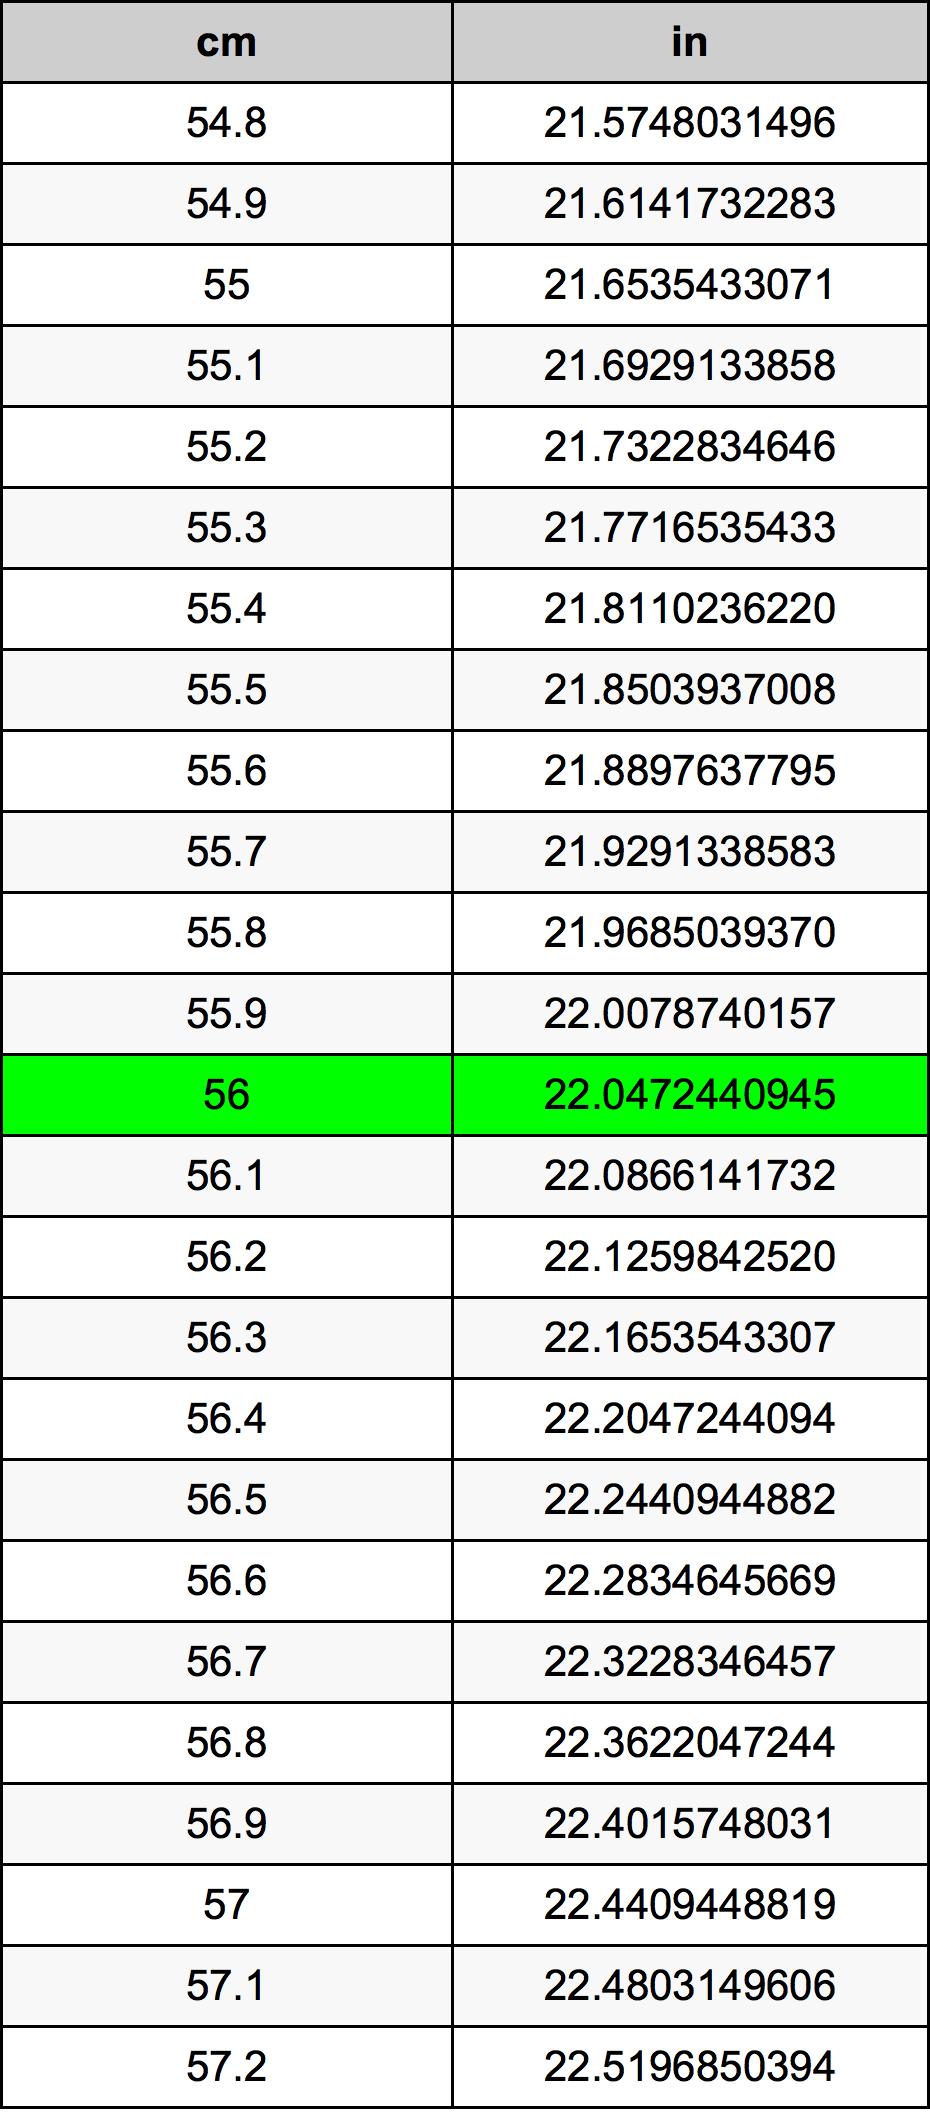 56 Zentimeter Umrechnungstabelle